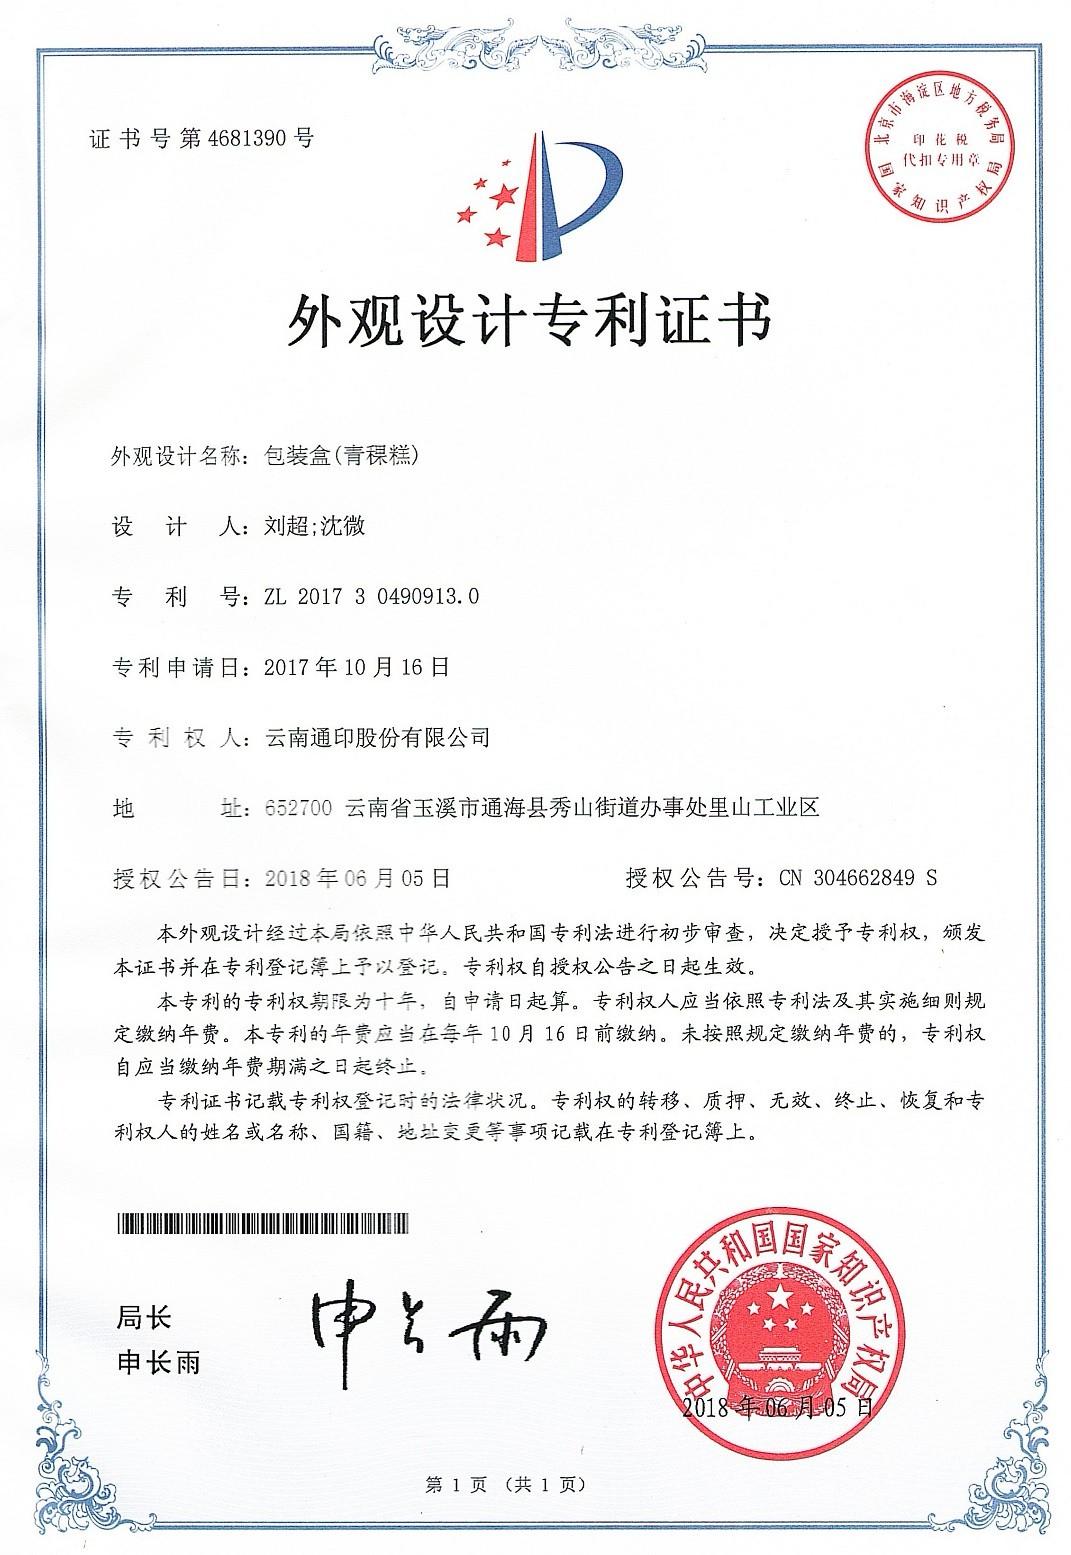 2017年外观设计专利证书